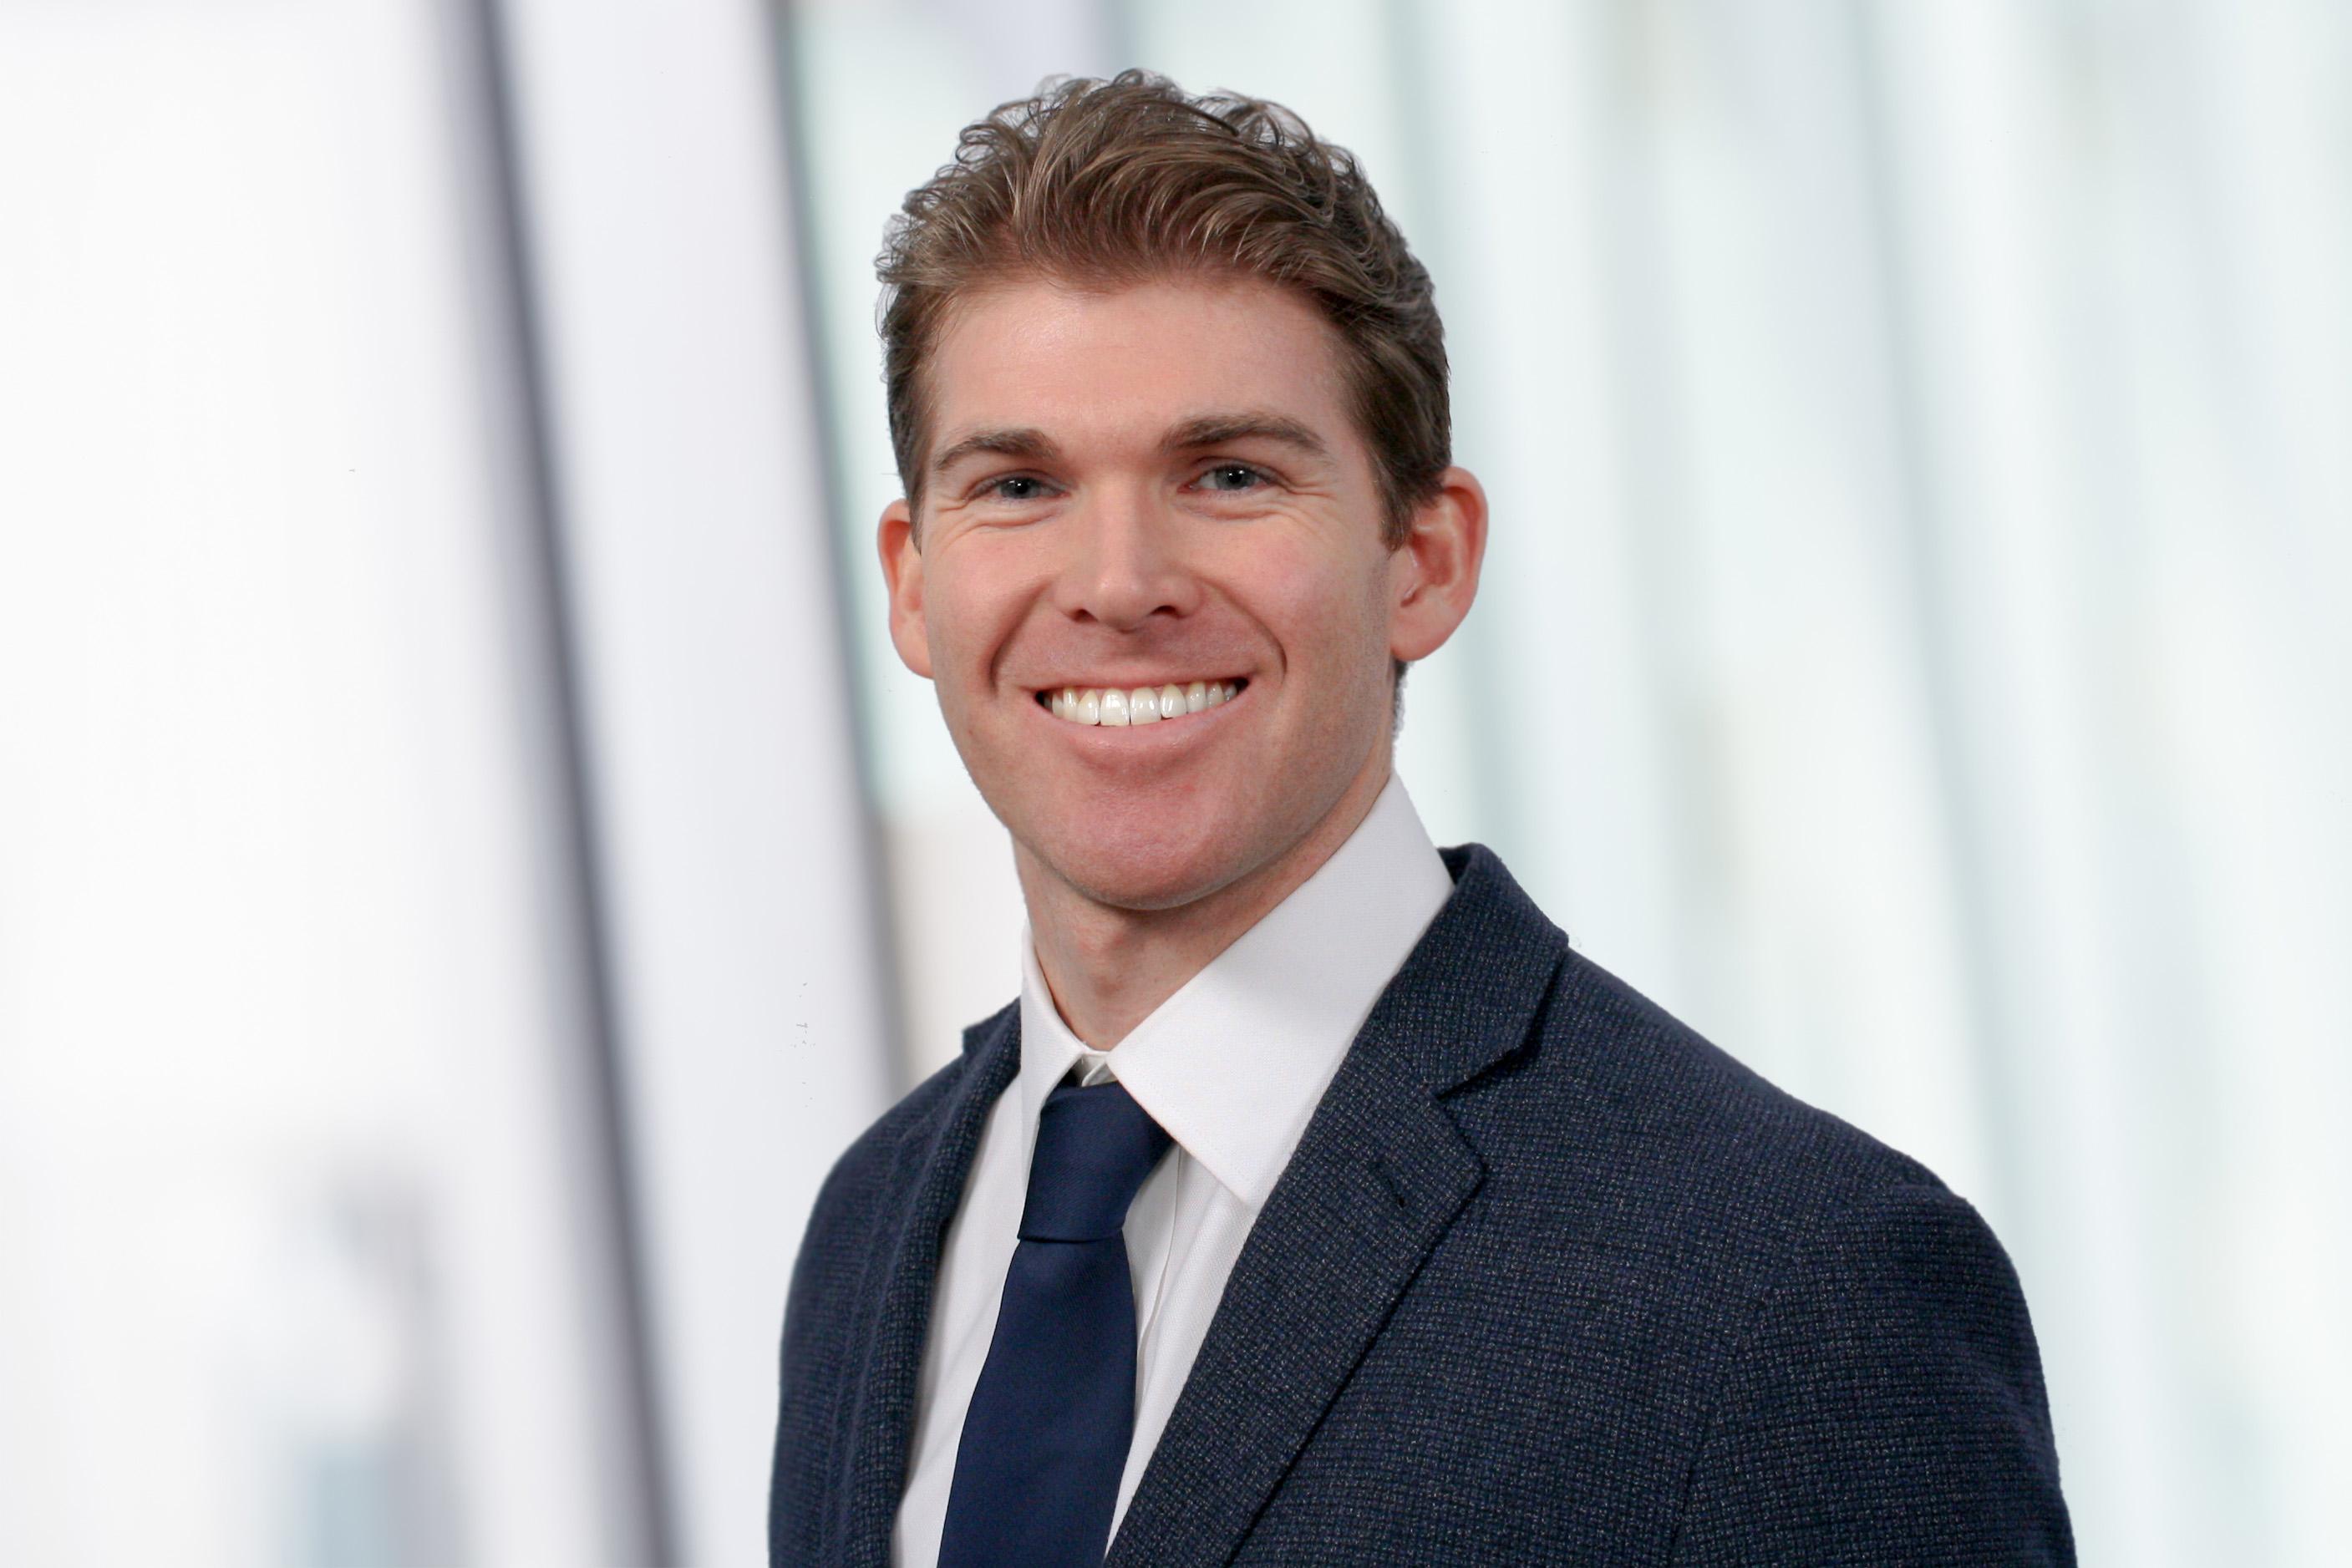 Headshot photo of Bryan Bergin